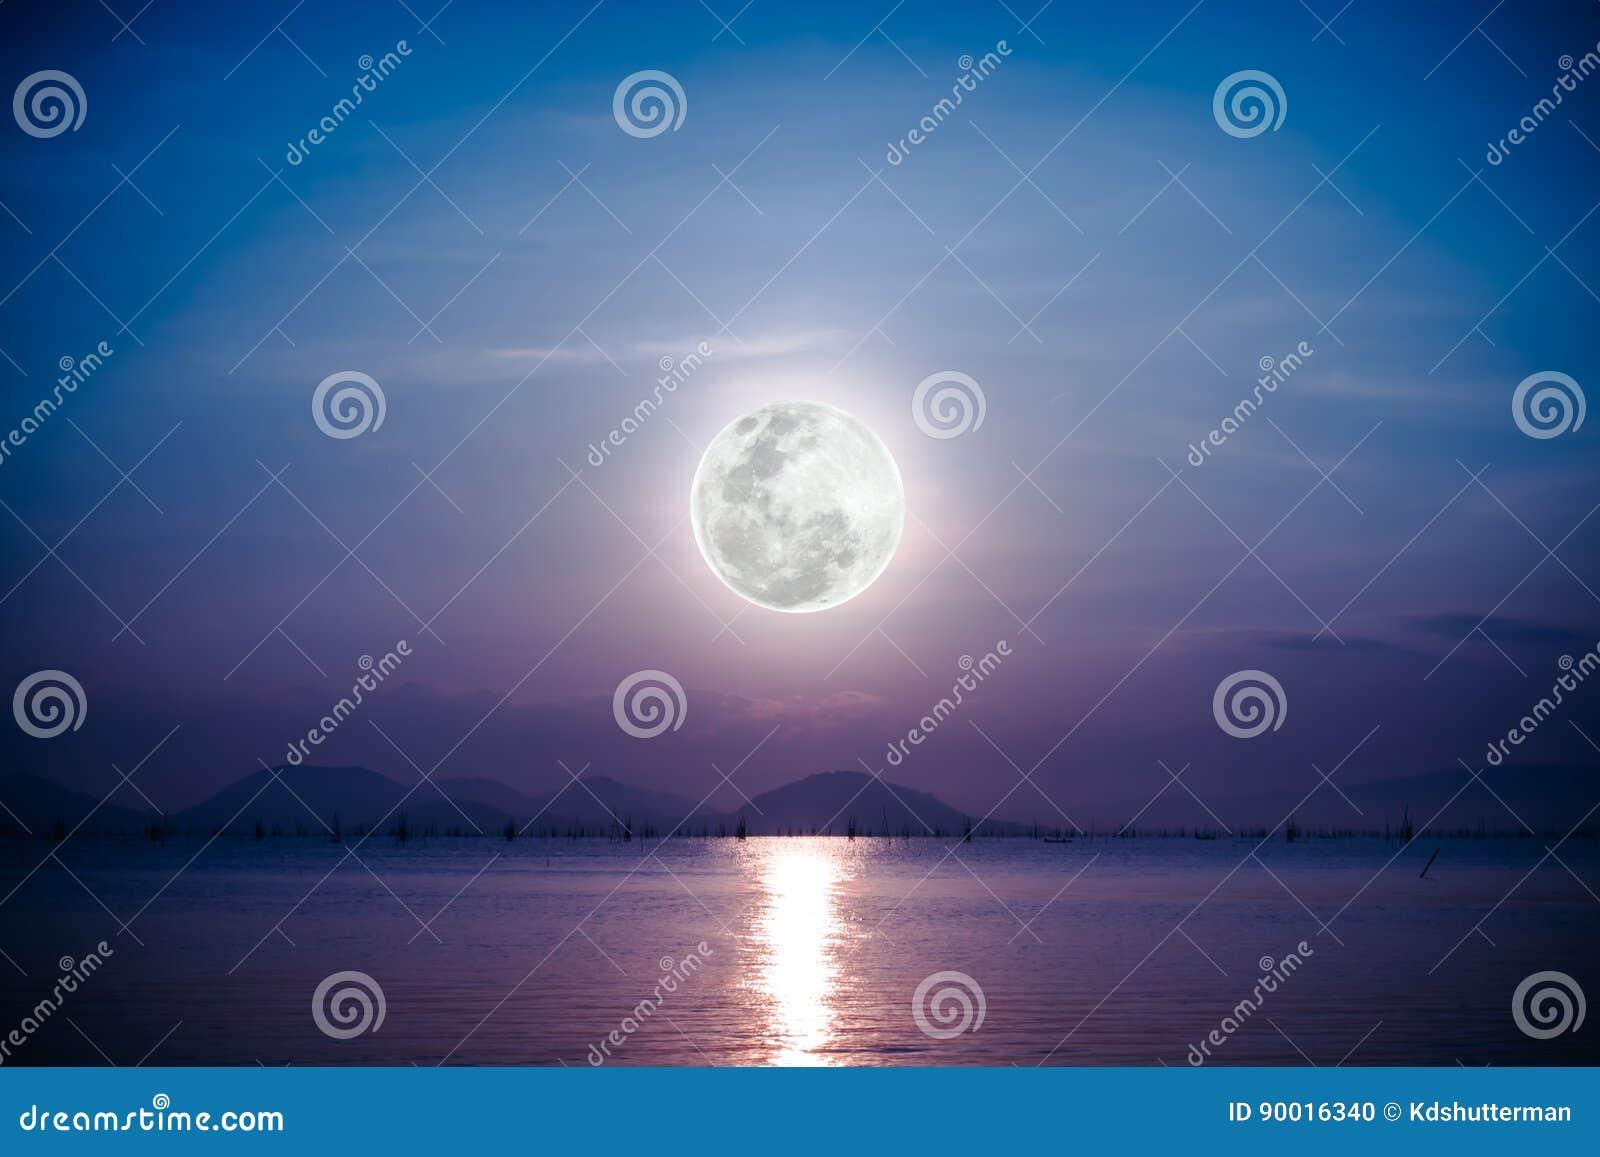 Scenico Romantico Con La Luna Piena Sul Mare Alla Notte Riflessione